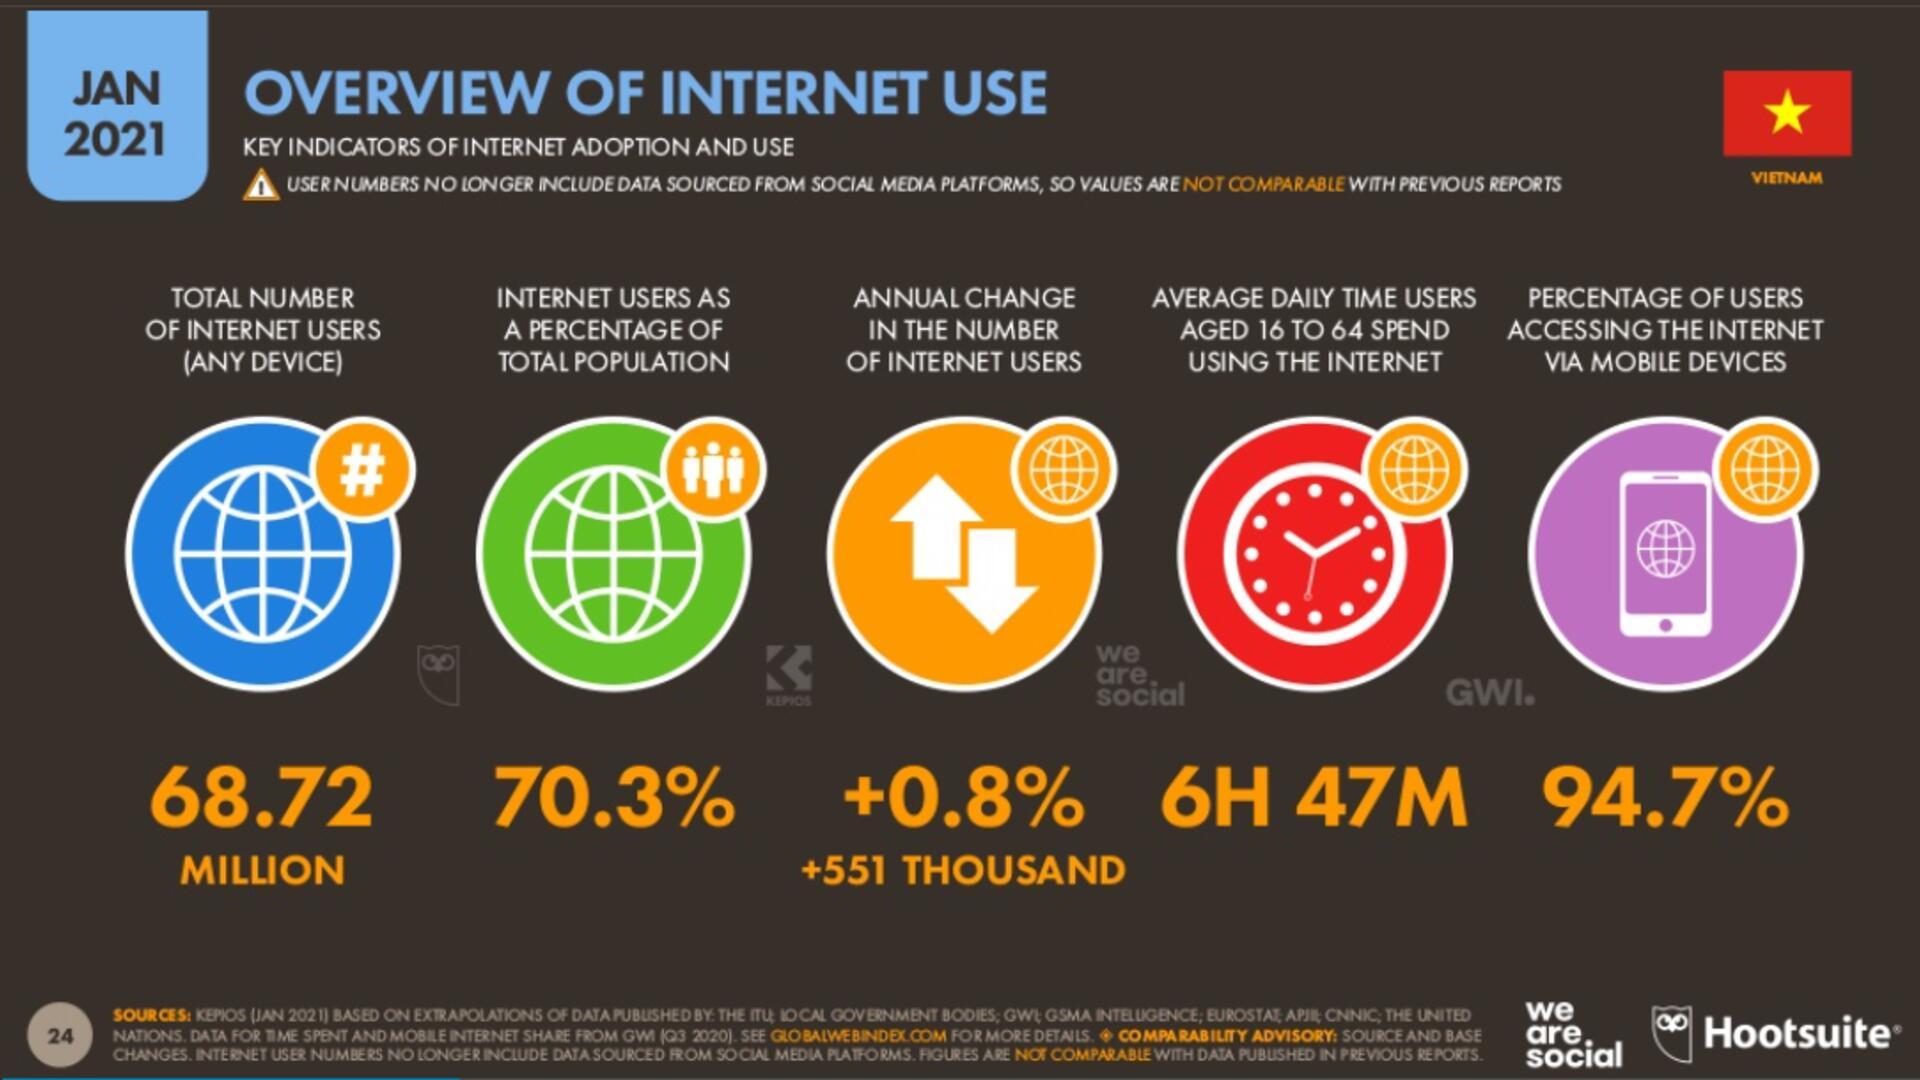 Tạo dựng một môi trường văn hóa lành mạnh trên không gian mạng hiện nay là vấn đề cấp thiết - Ảnh 2.